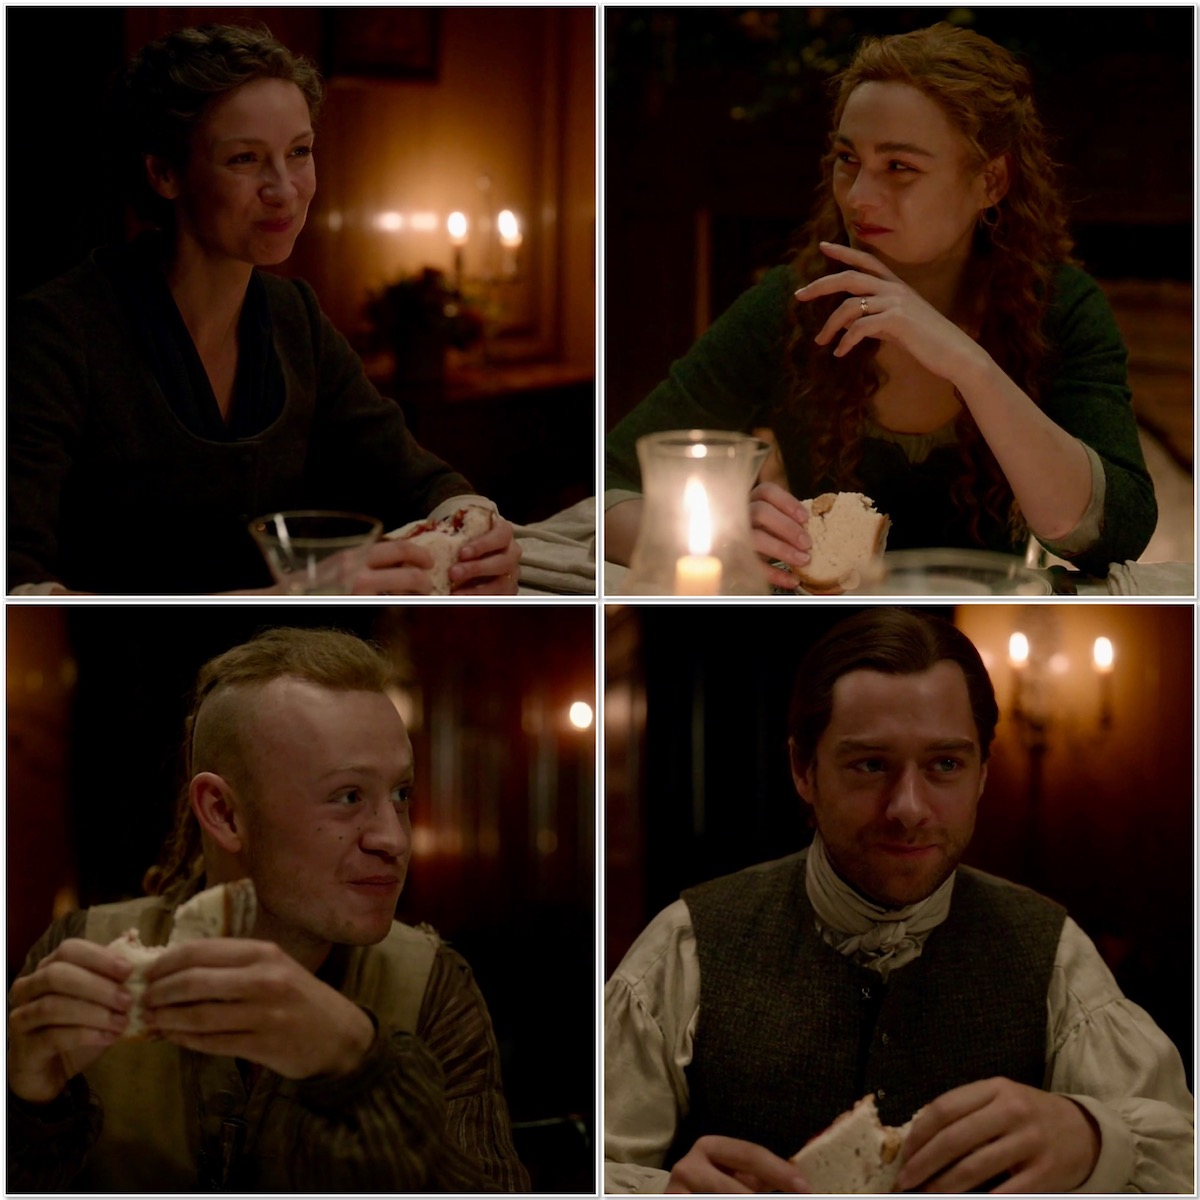 Fraser family enjoying peanut butter & jelly sandwiches collage Outlander STARZ Season 5